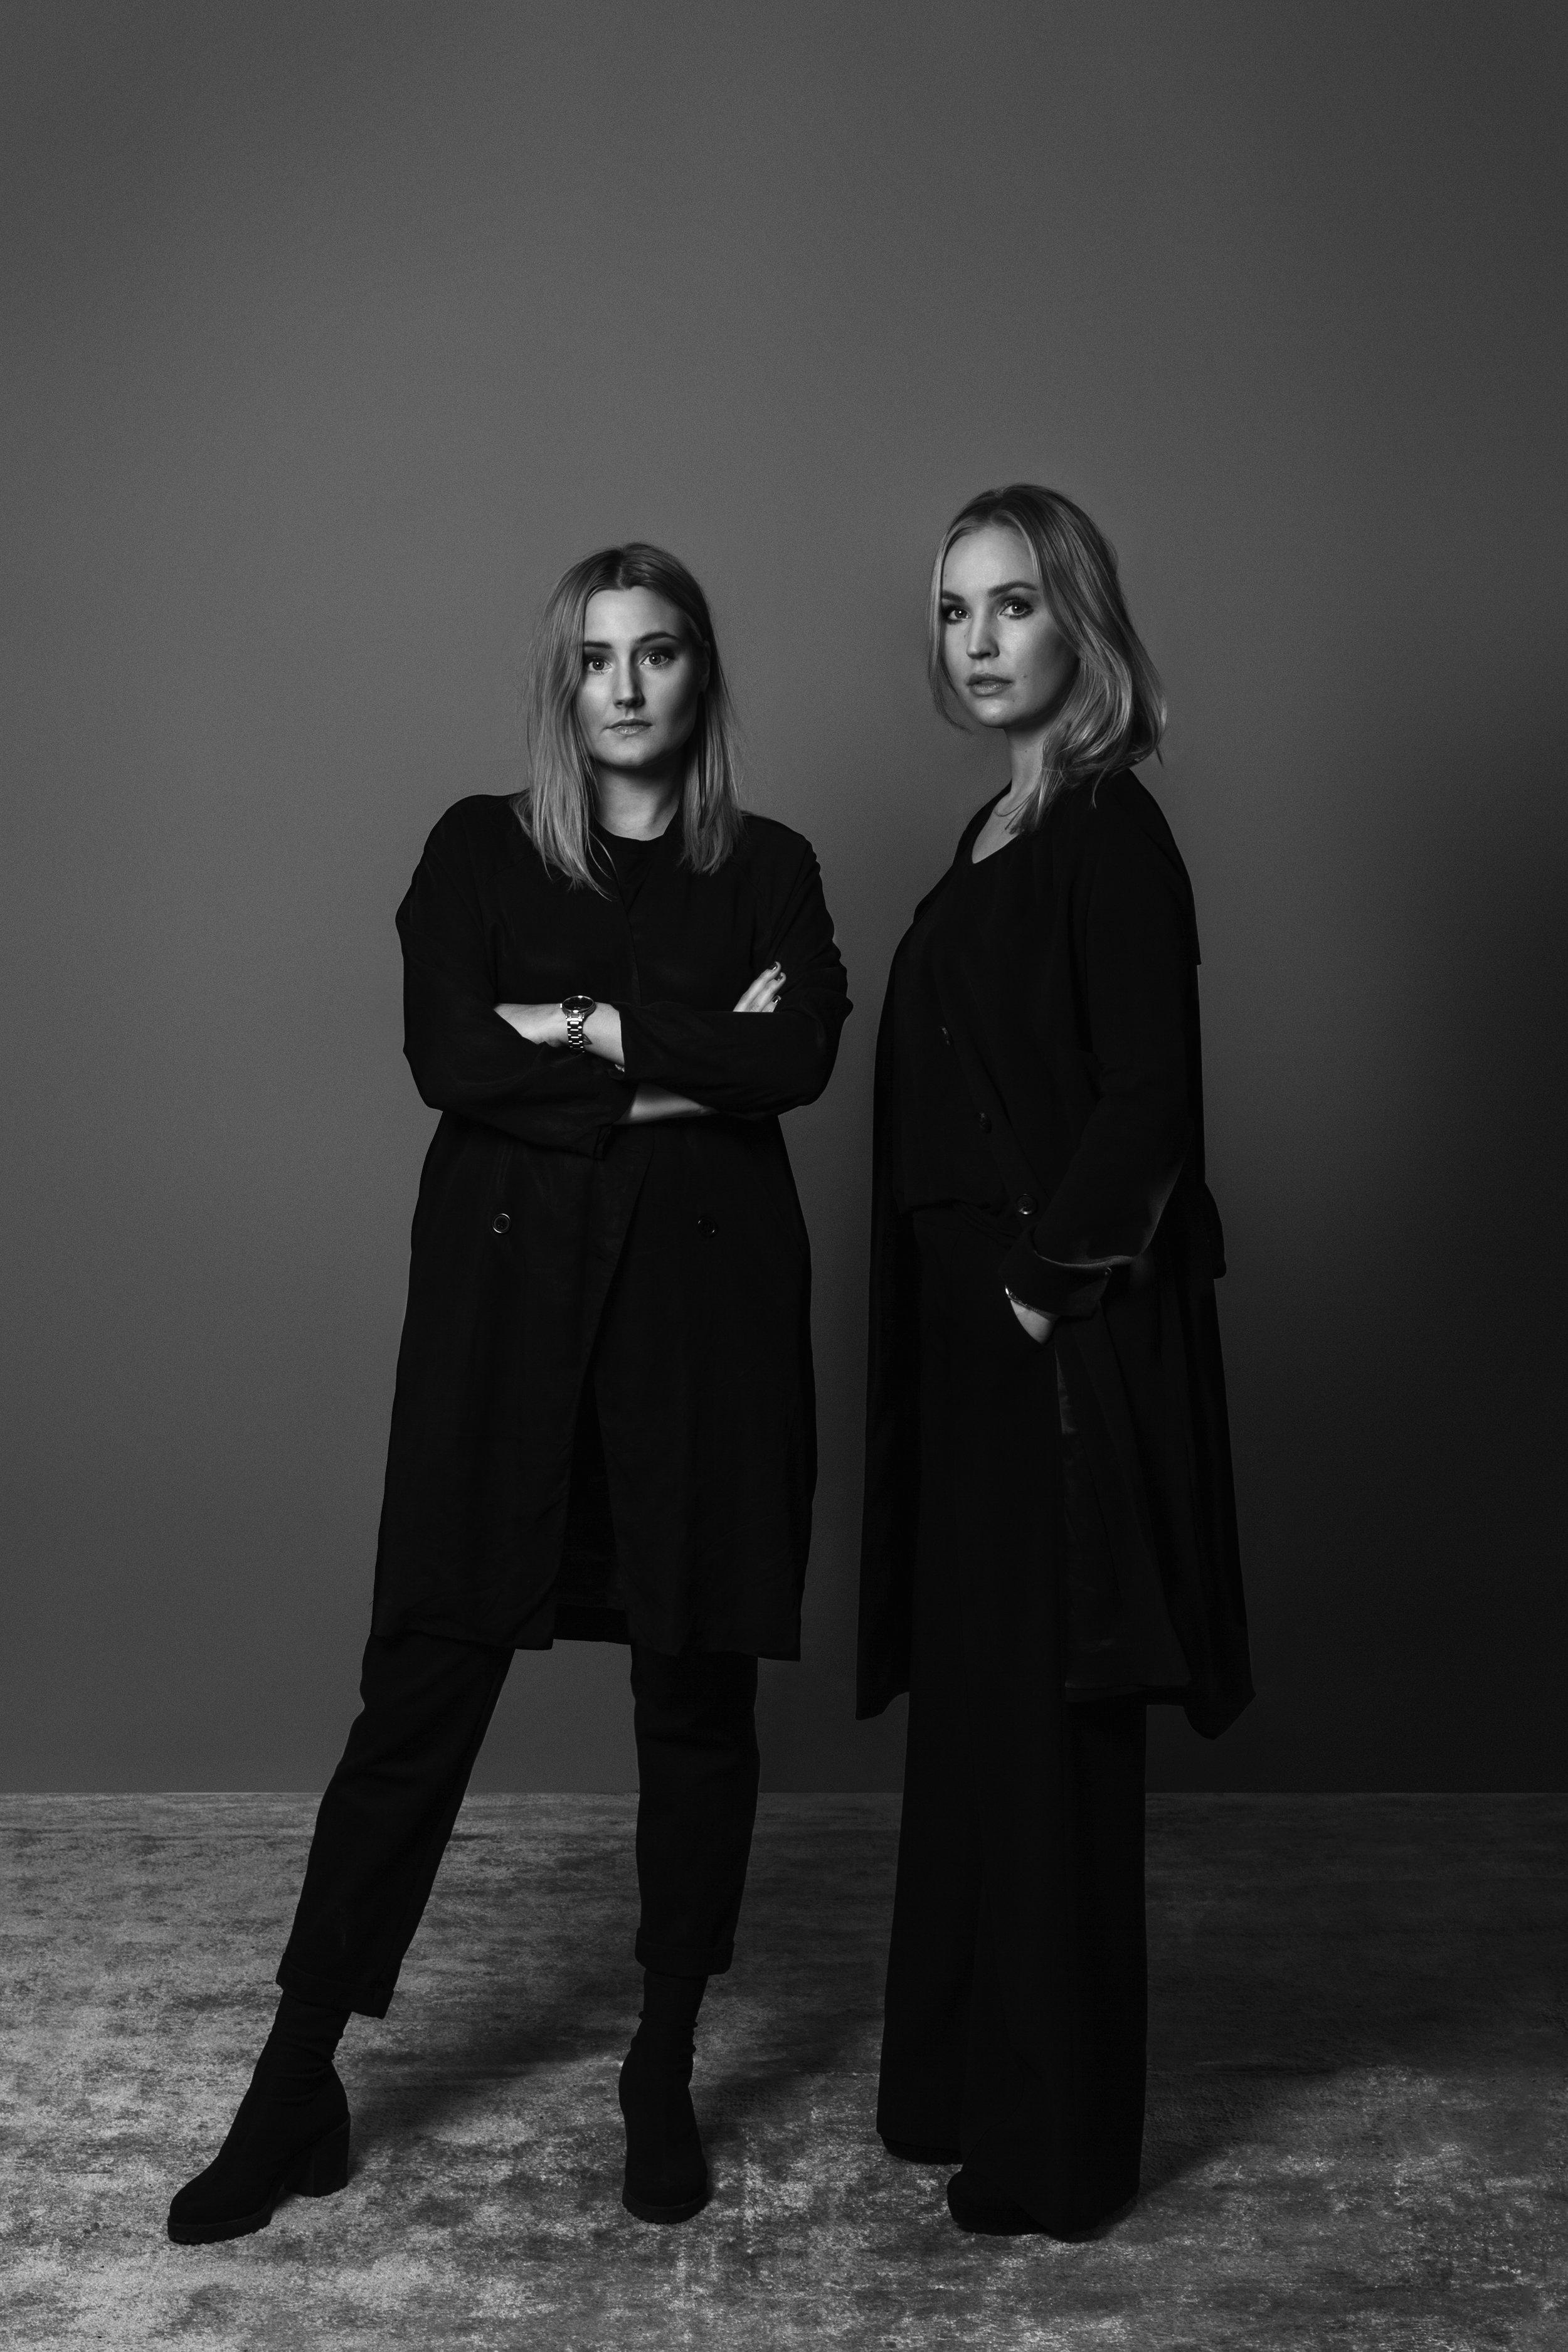 Evalotta Sundling & Elin Kickén founders of Sundling Kickén